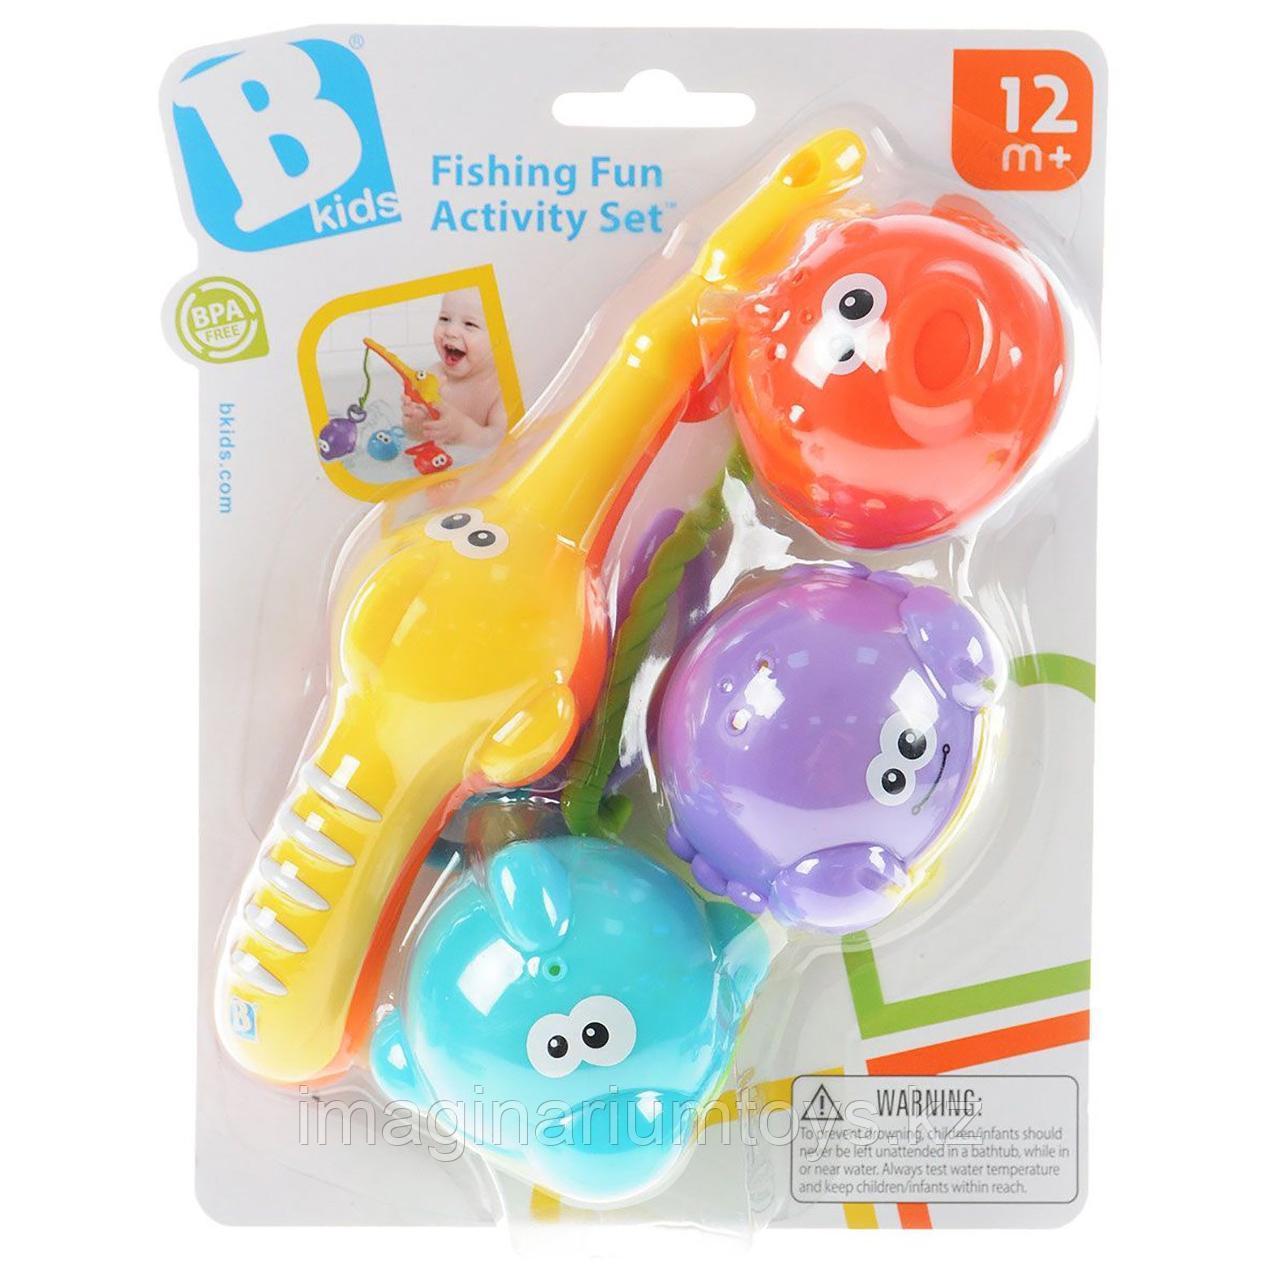 Детская игрушка для ванной «Рыбалка» B Kids